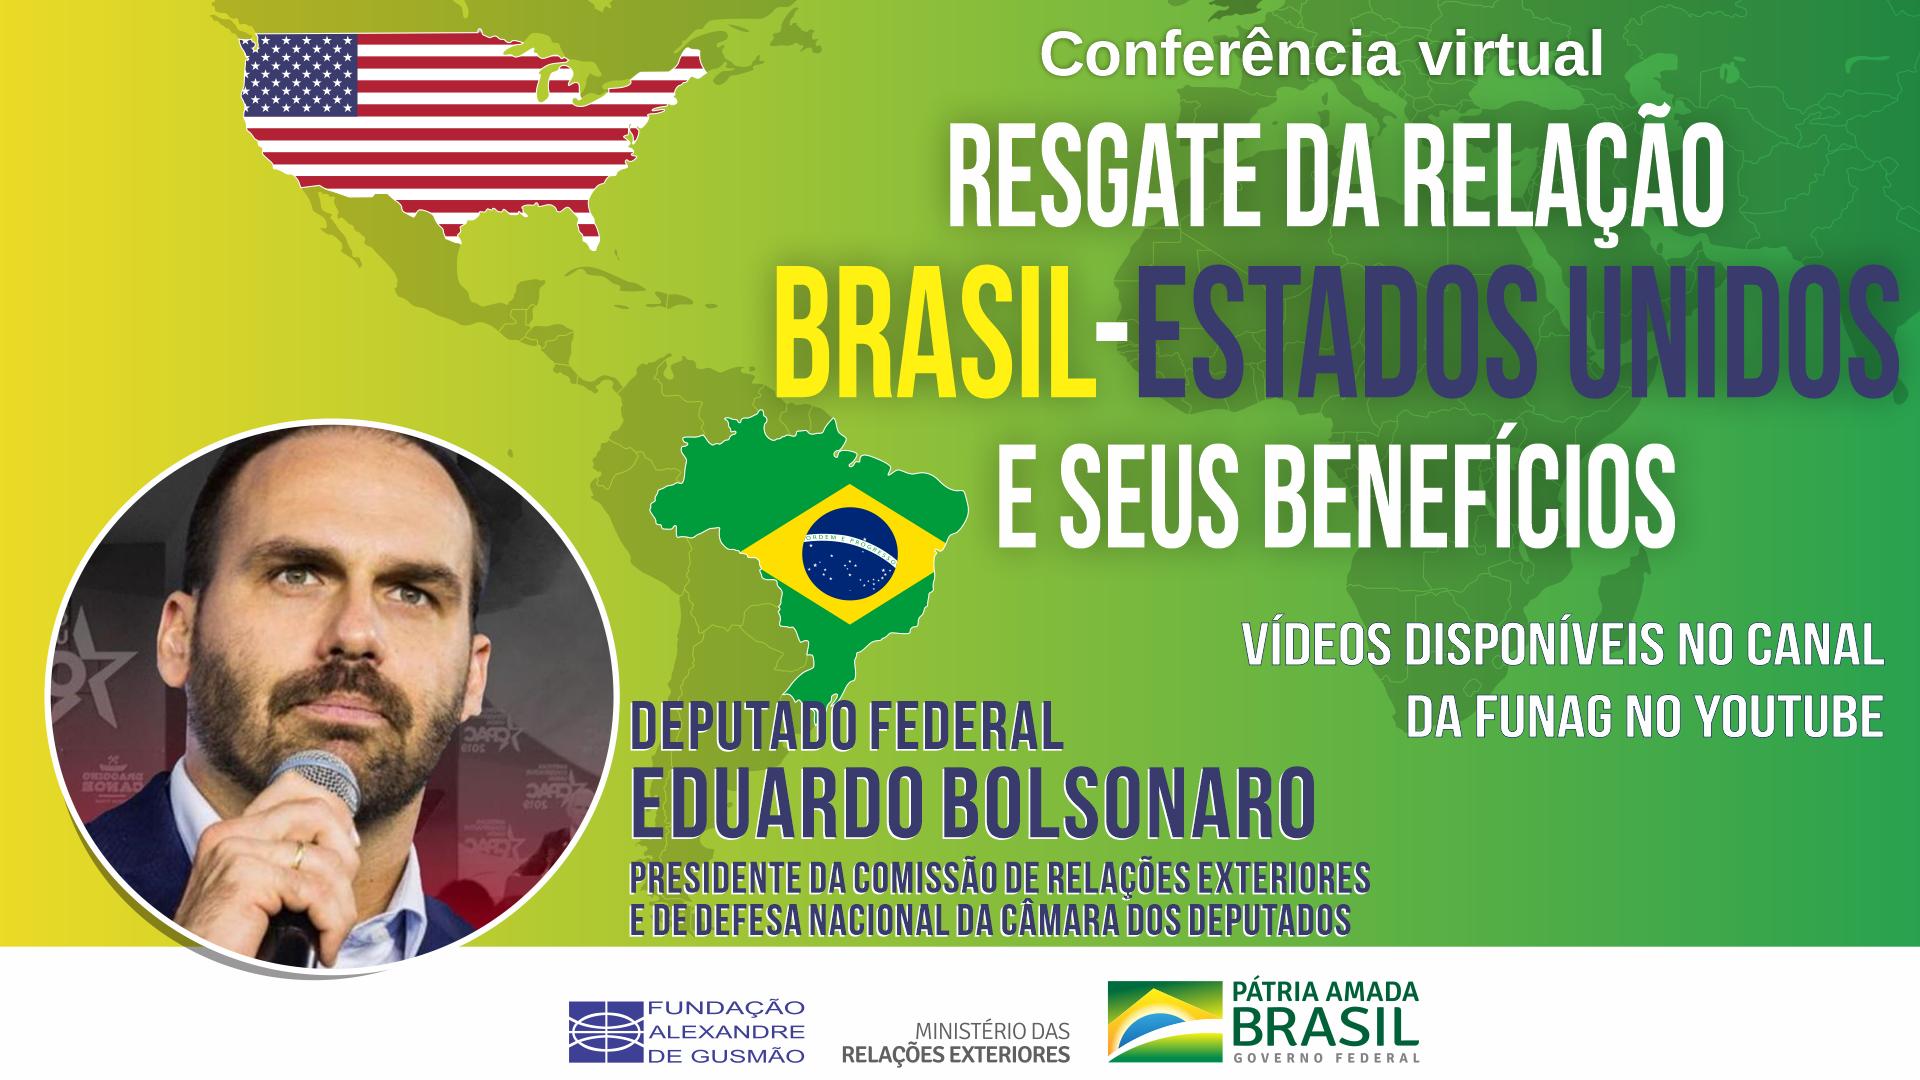 Assista aos vídeos da conferência do deputado federal Eduardo Bolsonaro sobre o resgate da relação Brasil-Estados Unidos